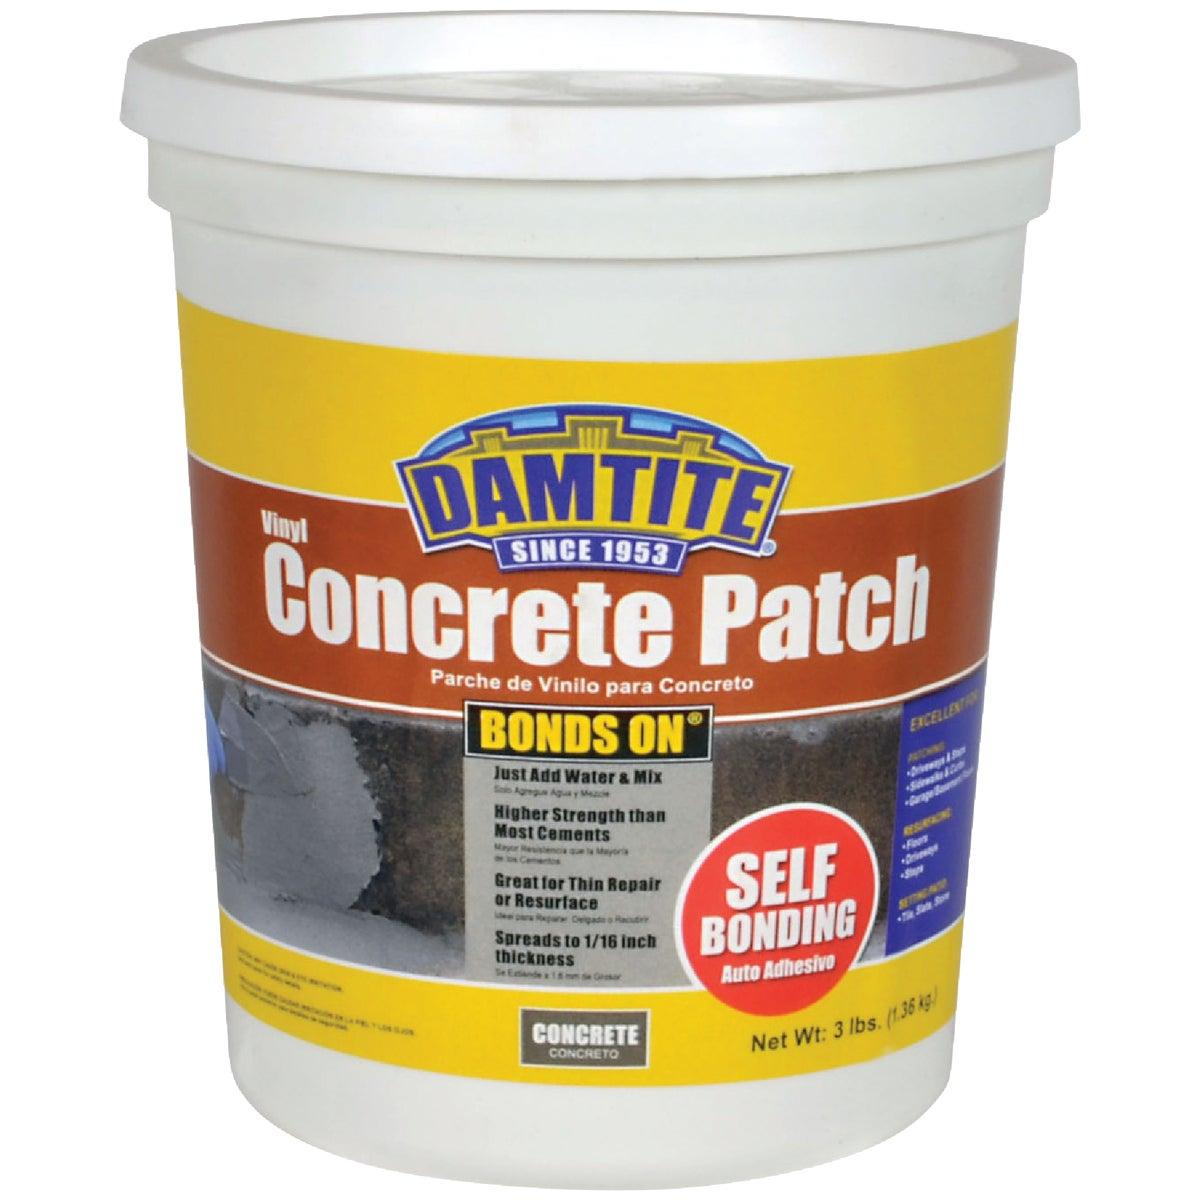 Damtite BondsOn 3 Lb. Gray Ready-to-Use Vinyl Concrete Patch